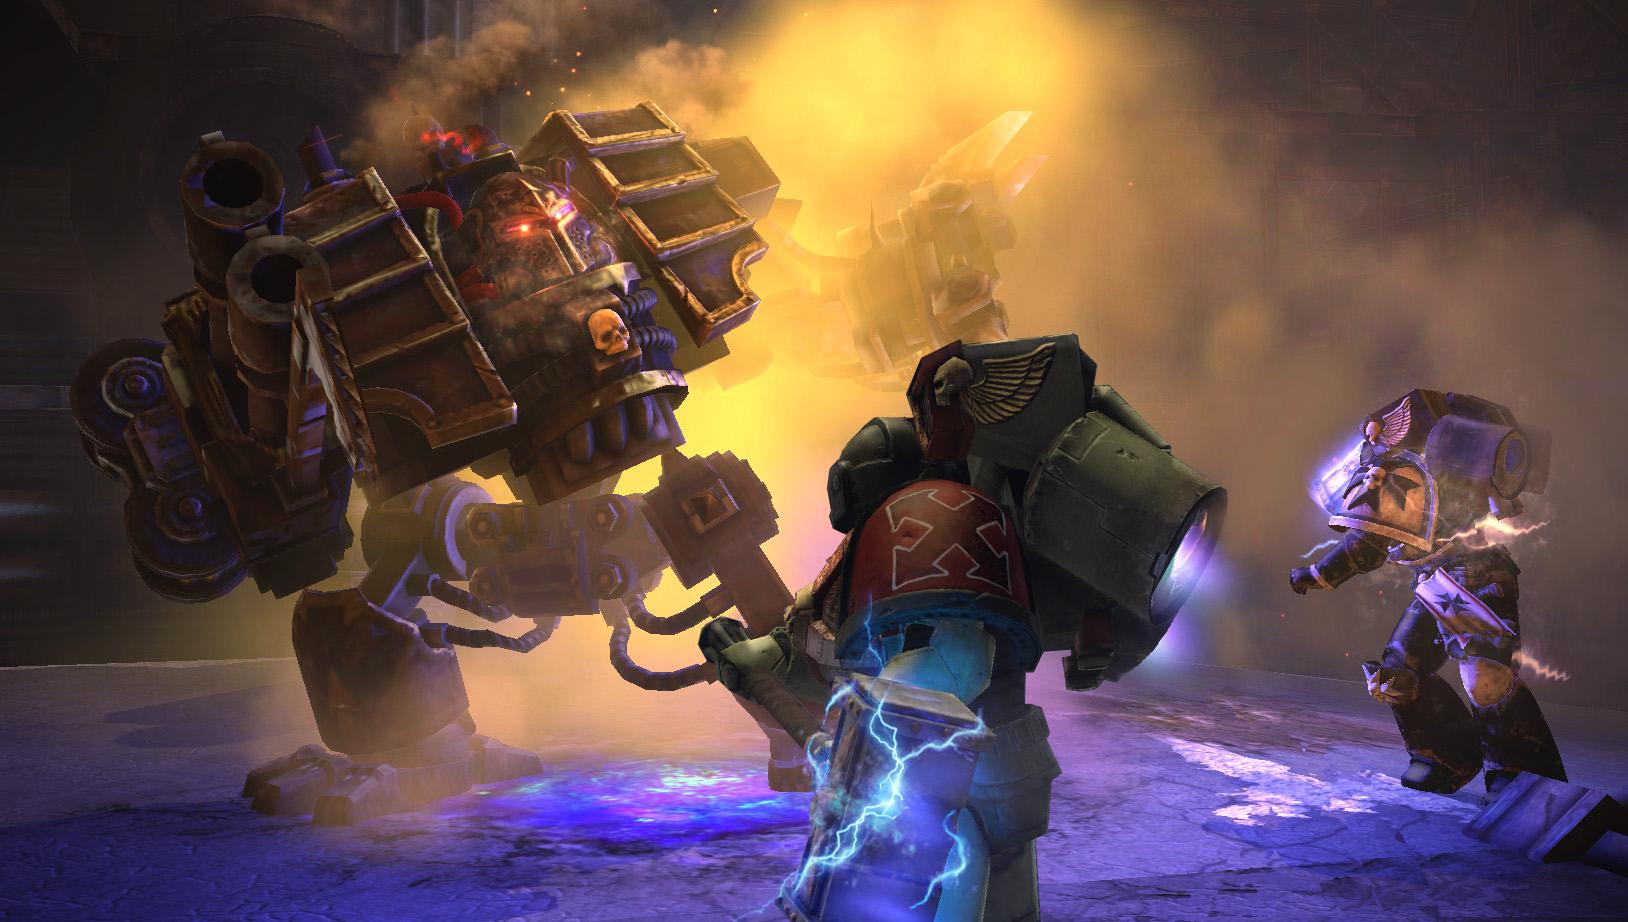 Warhammer 40,000: Space Marine - Dreadnought DLC screenshot